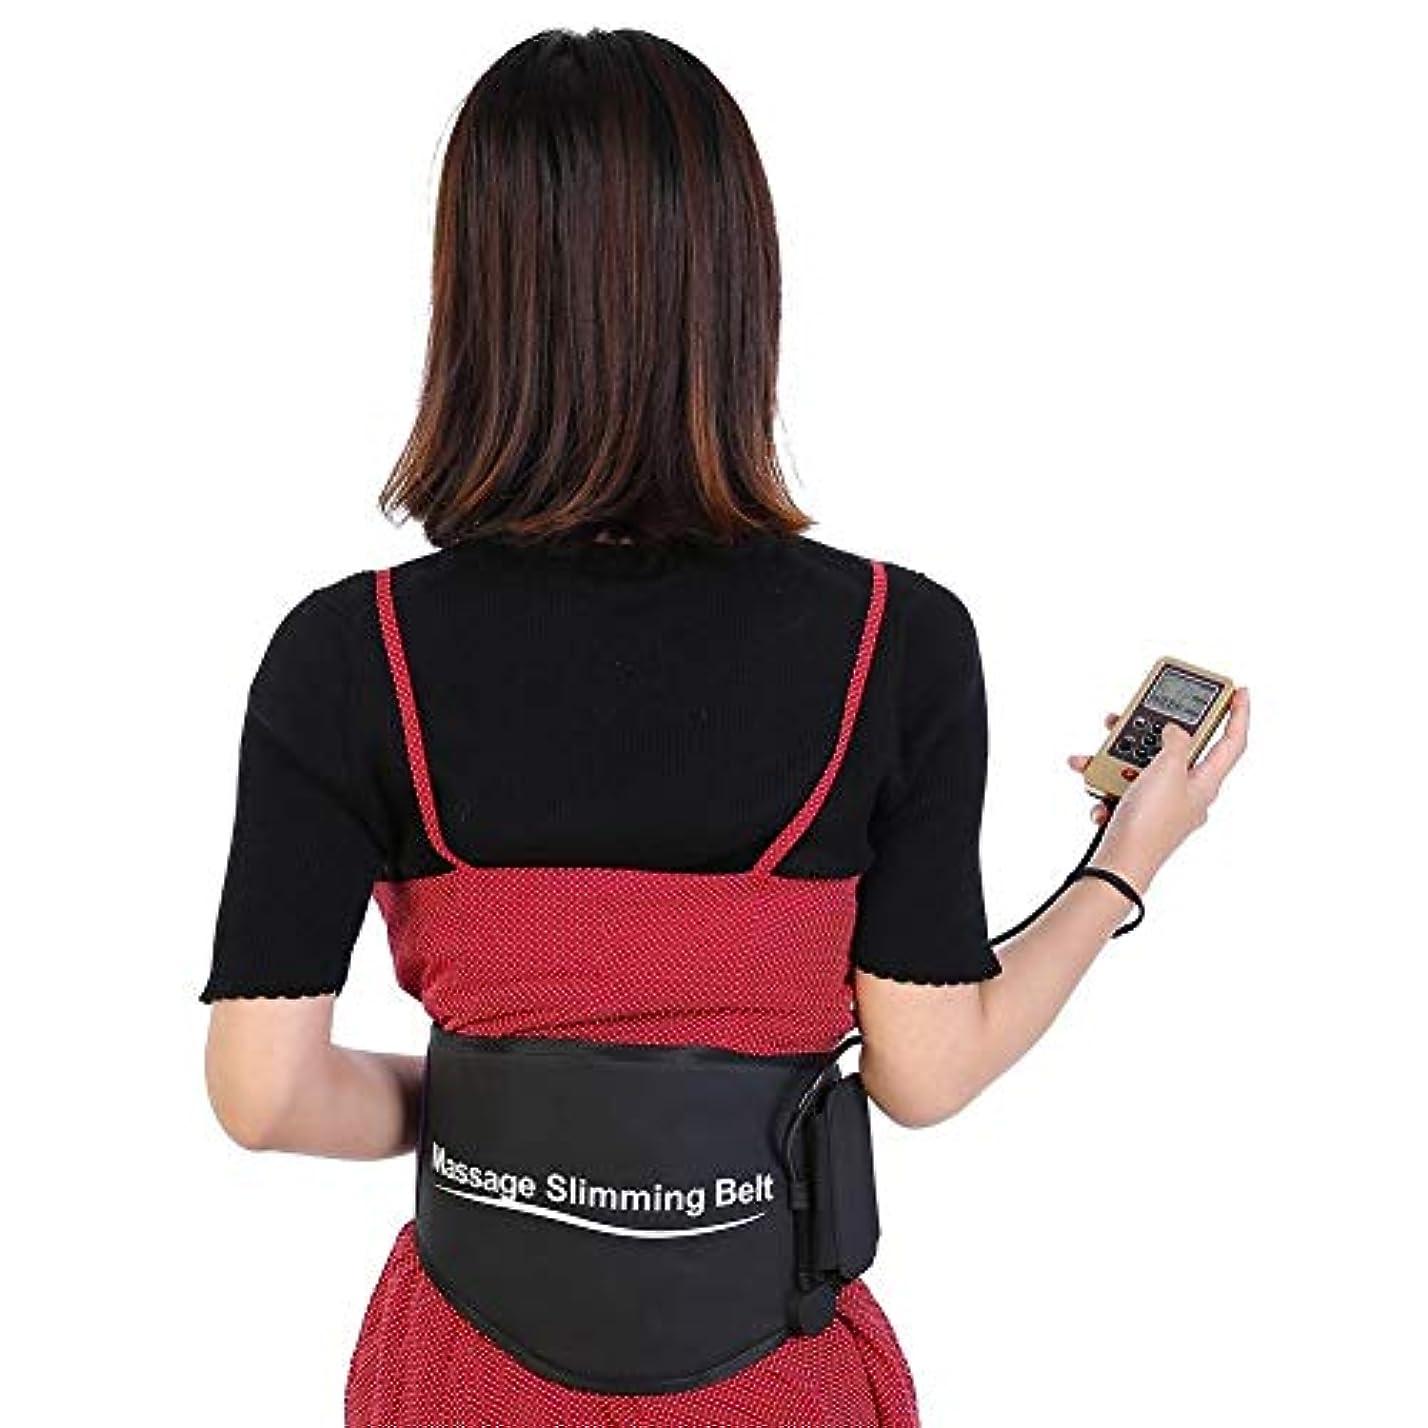 蓮ホット細いベルト、腹部療法のマッサージベルトの電気パルスのウエストの苦痛救助ボディスリミング筋肉刺激装置を細くするマッサージの刺激物